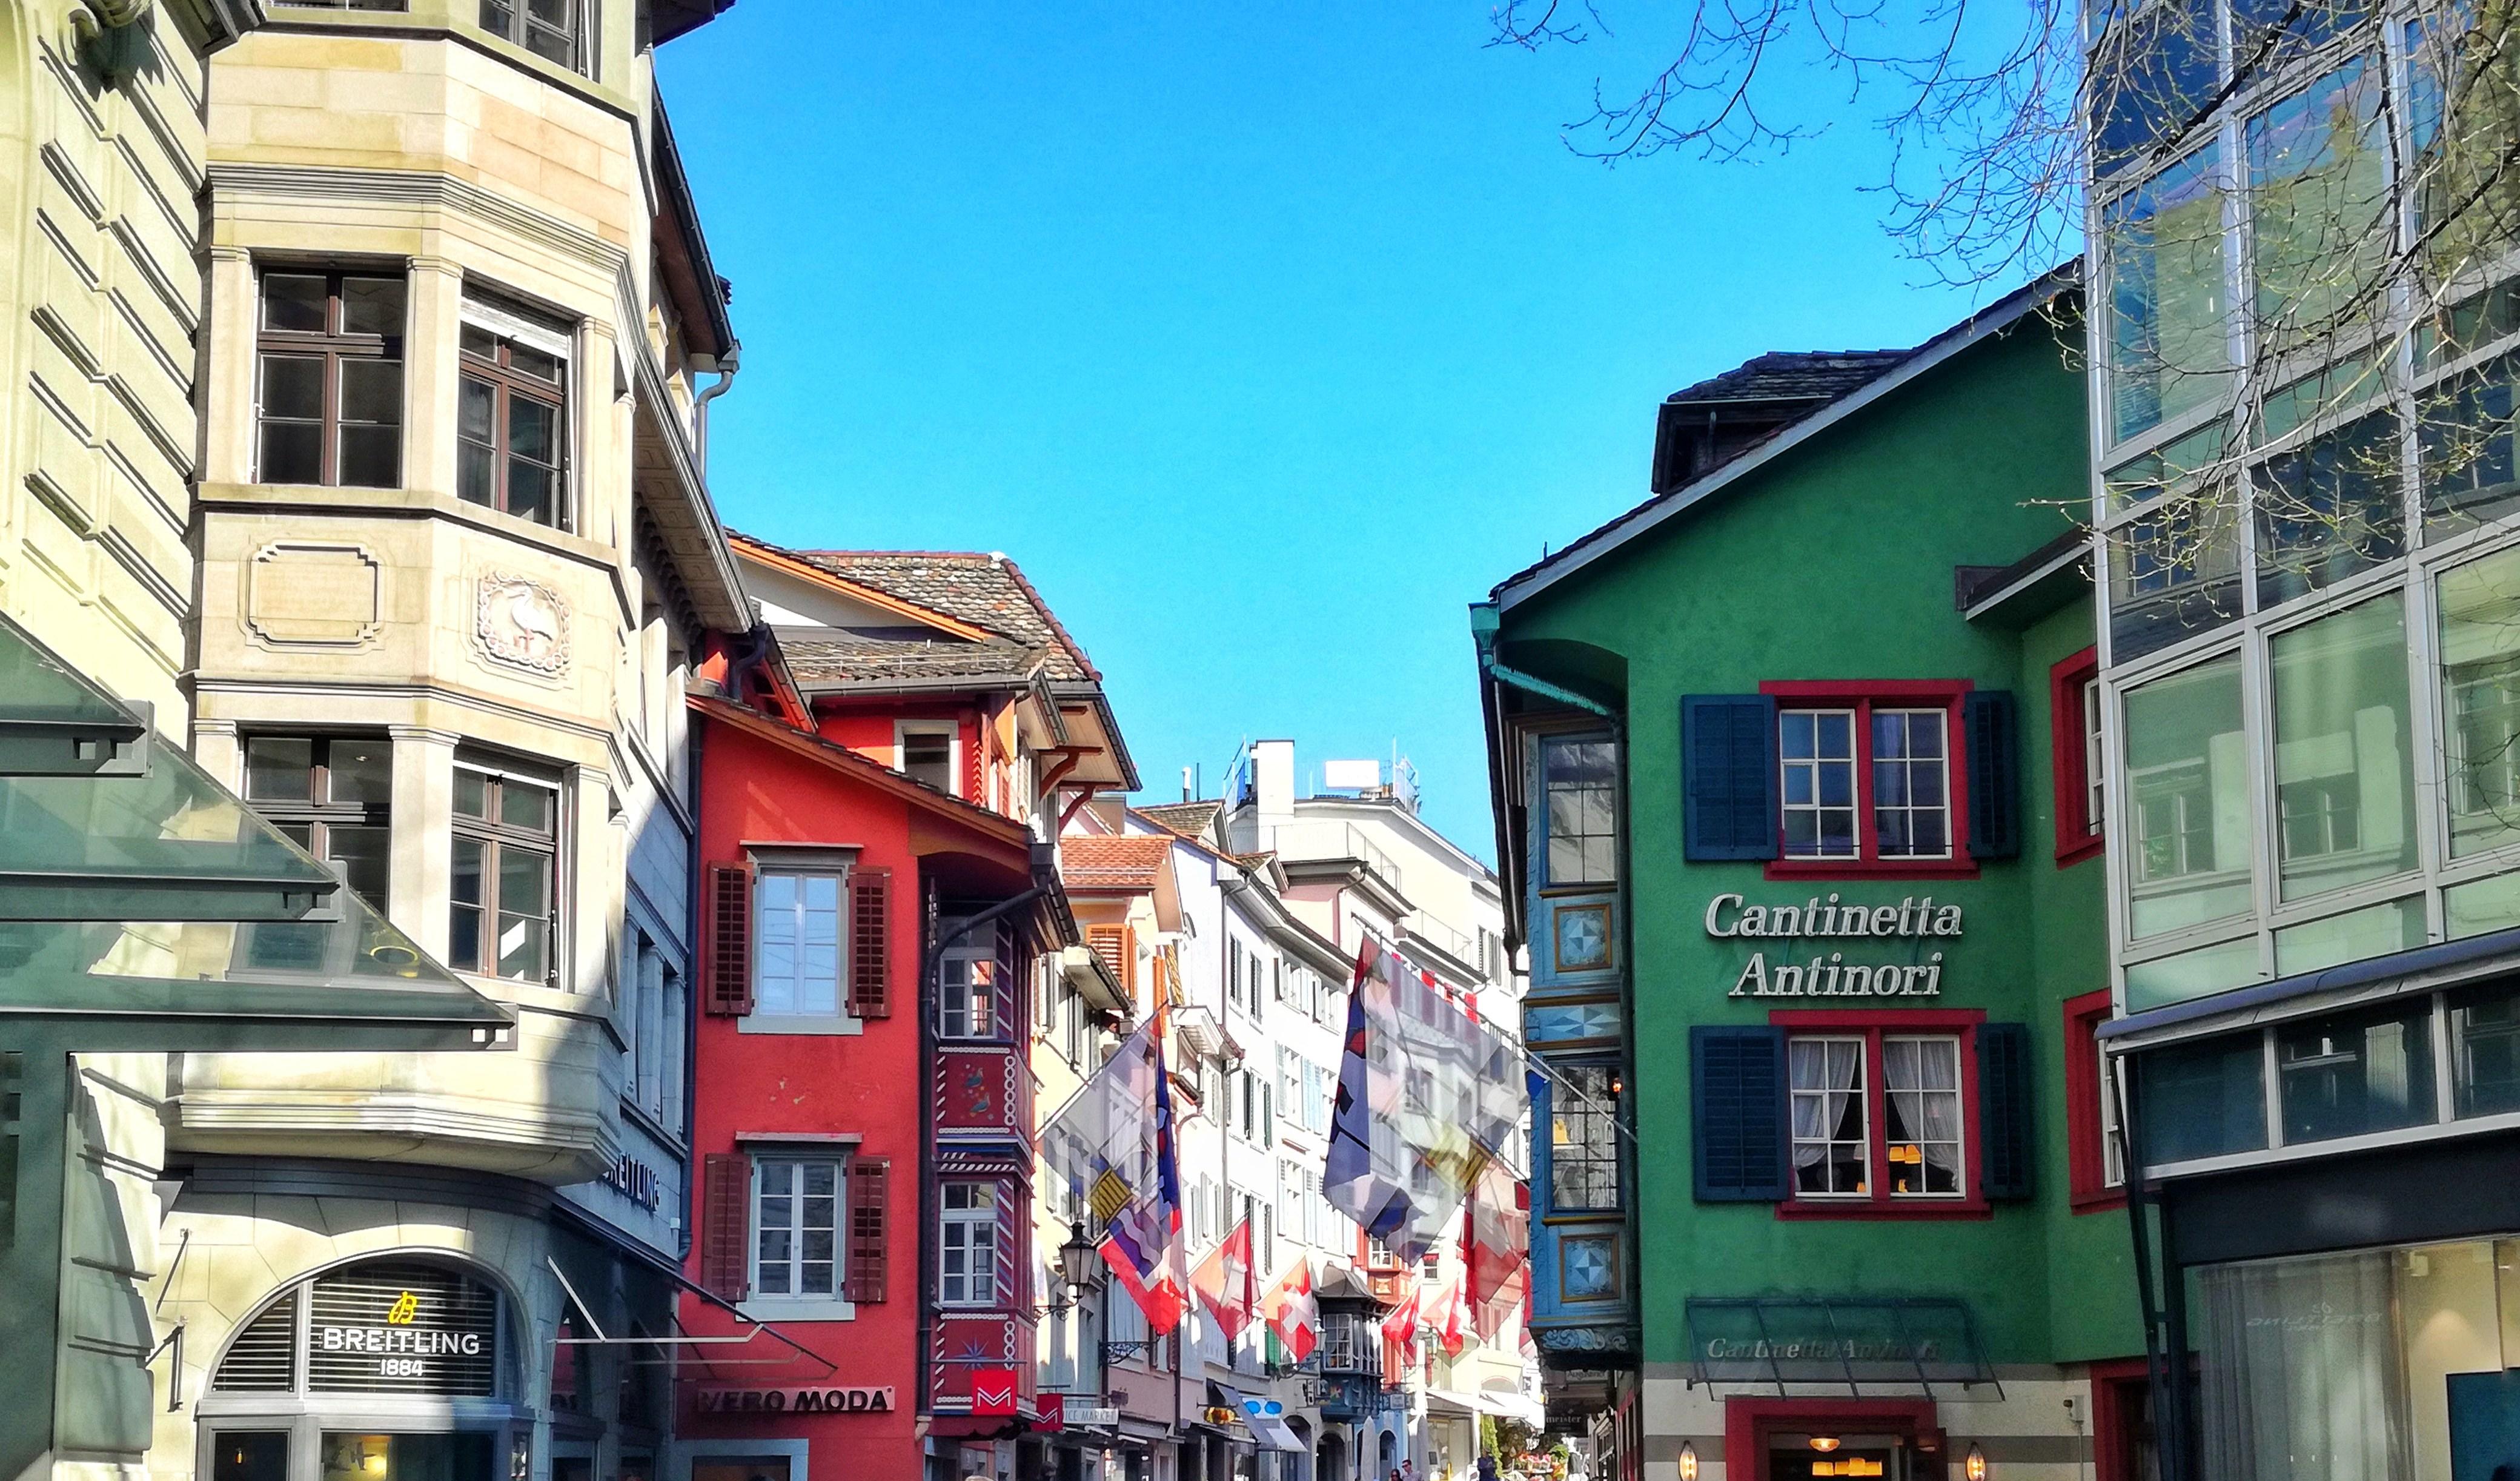 web stranice za upoznavanje u Švicarskoj hollywood u app dating